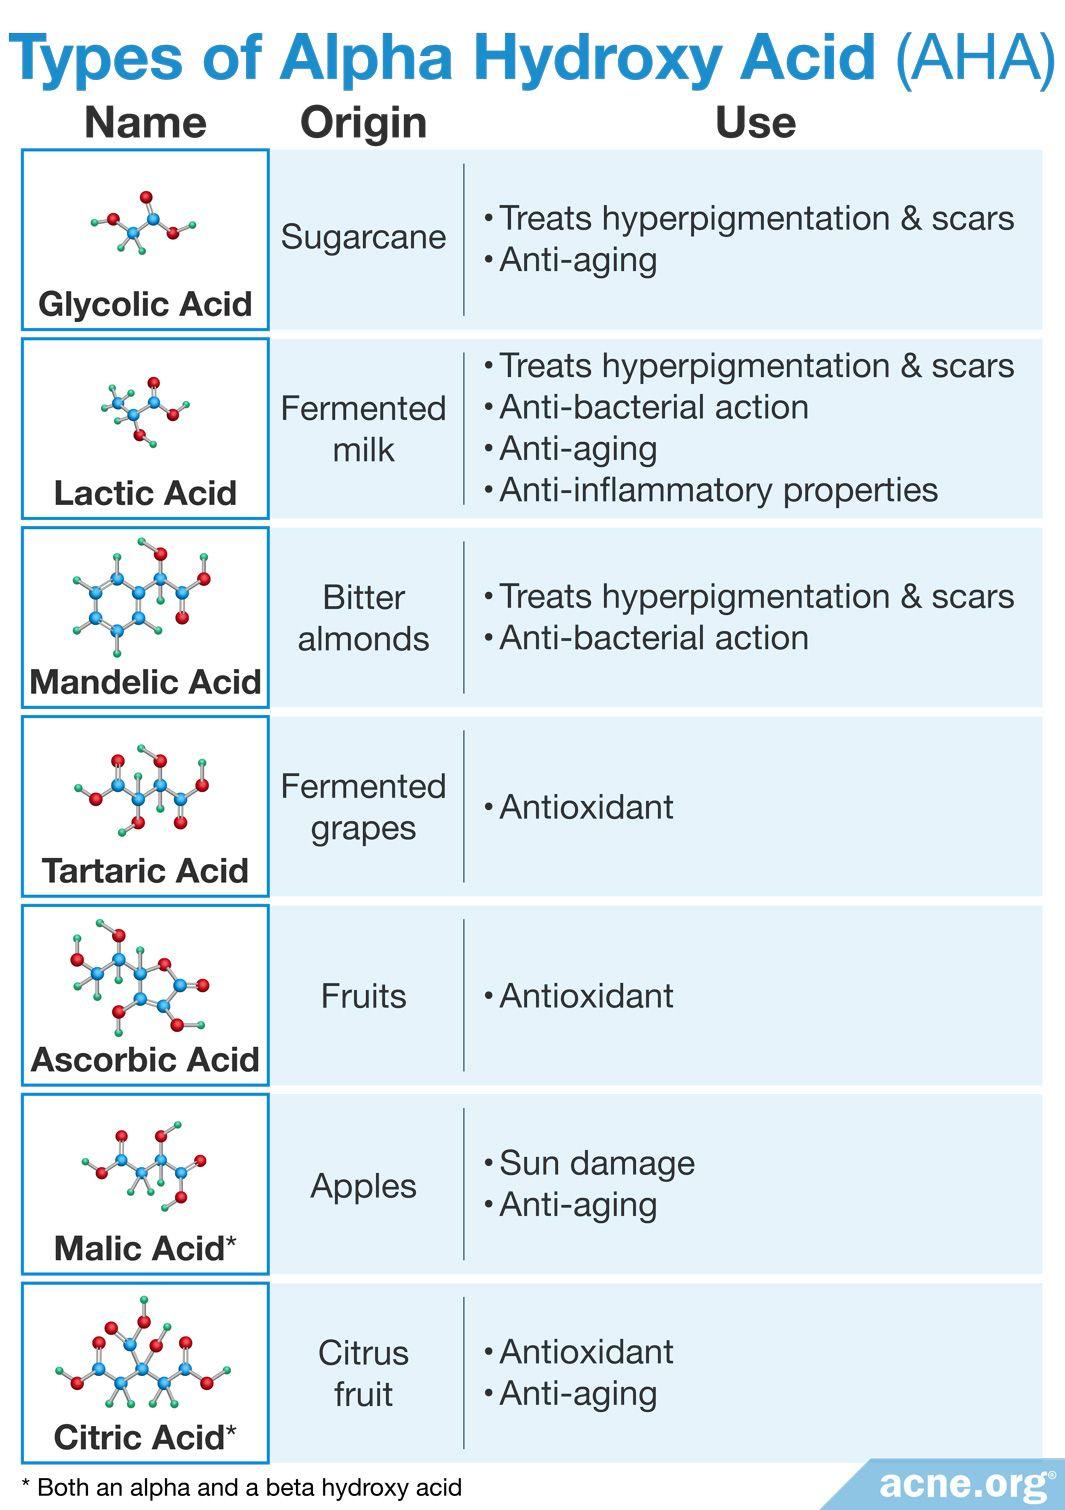 Types of Alpha Hydroxy Acid (AHA)